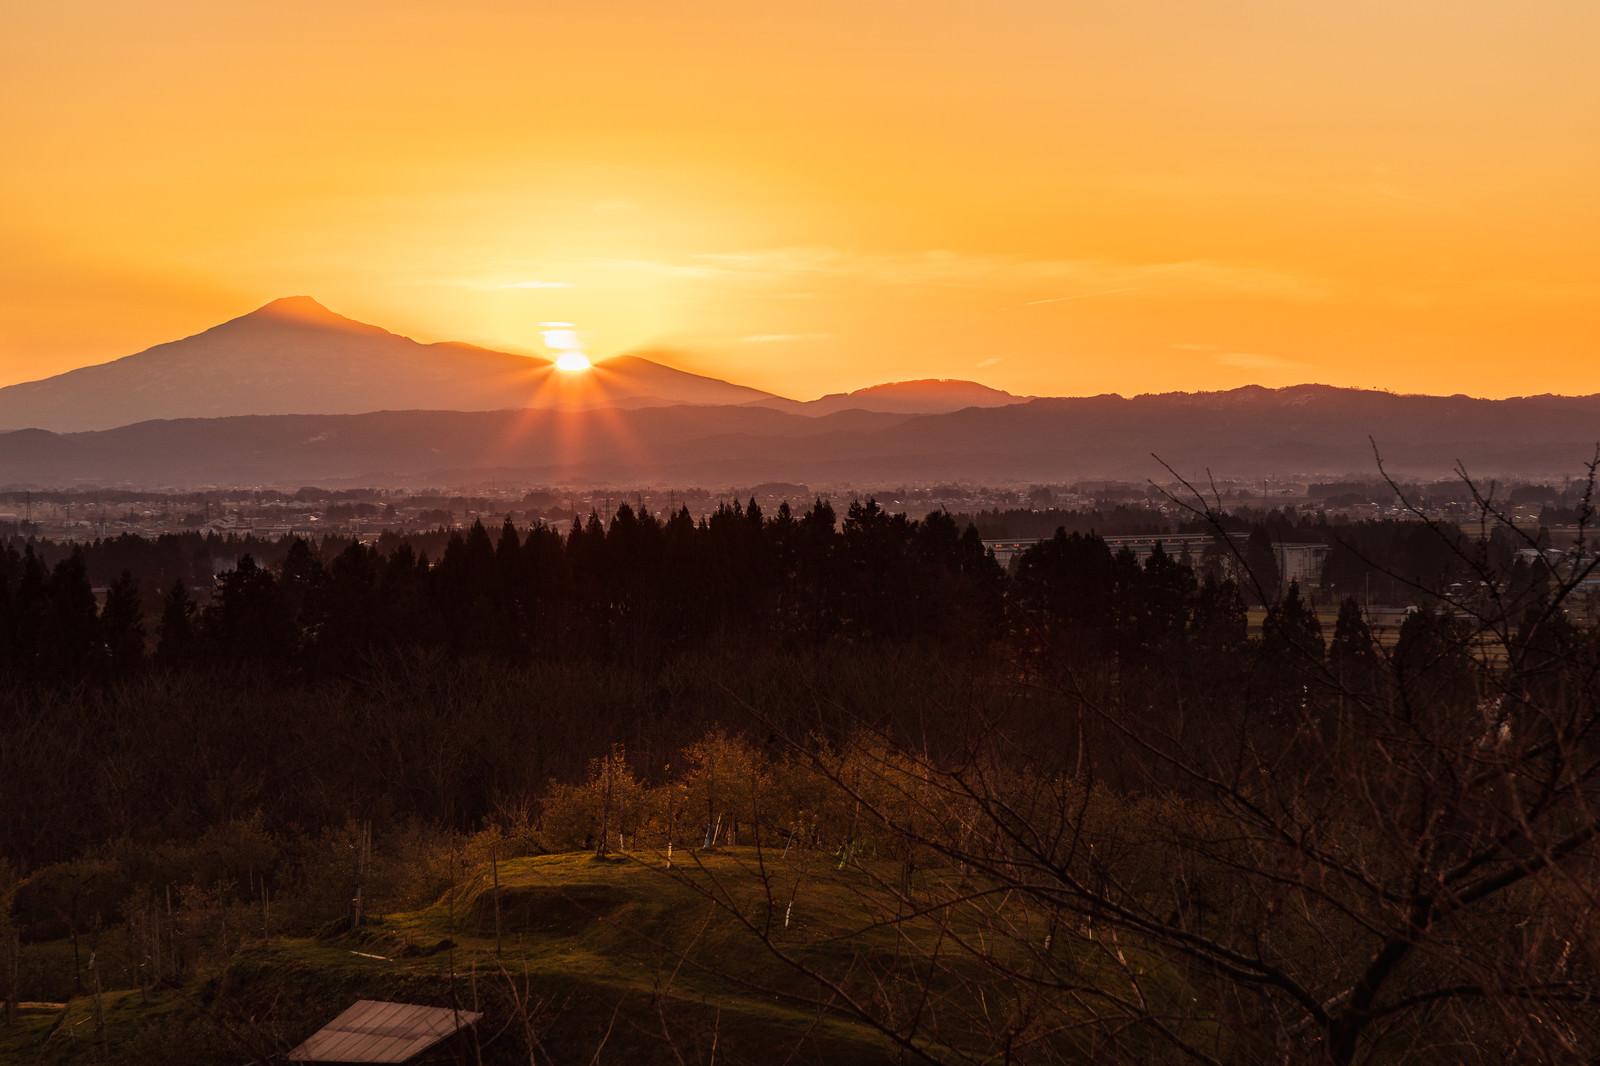 「鳥海山の裾野に沈む夕日と林檎畑」の写真